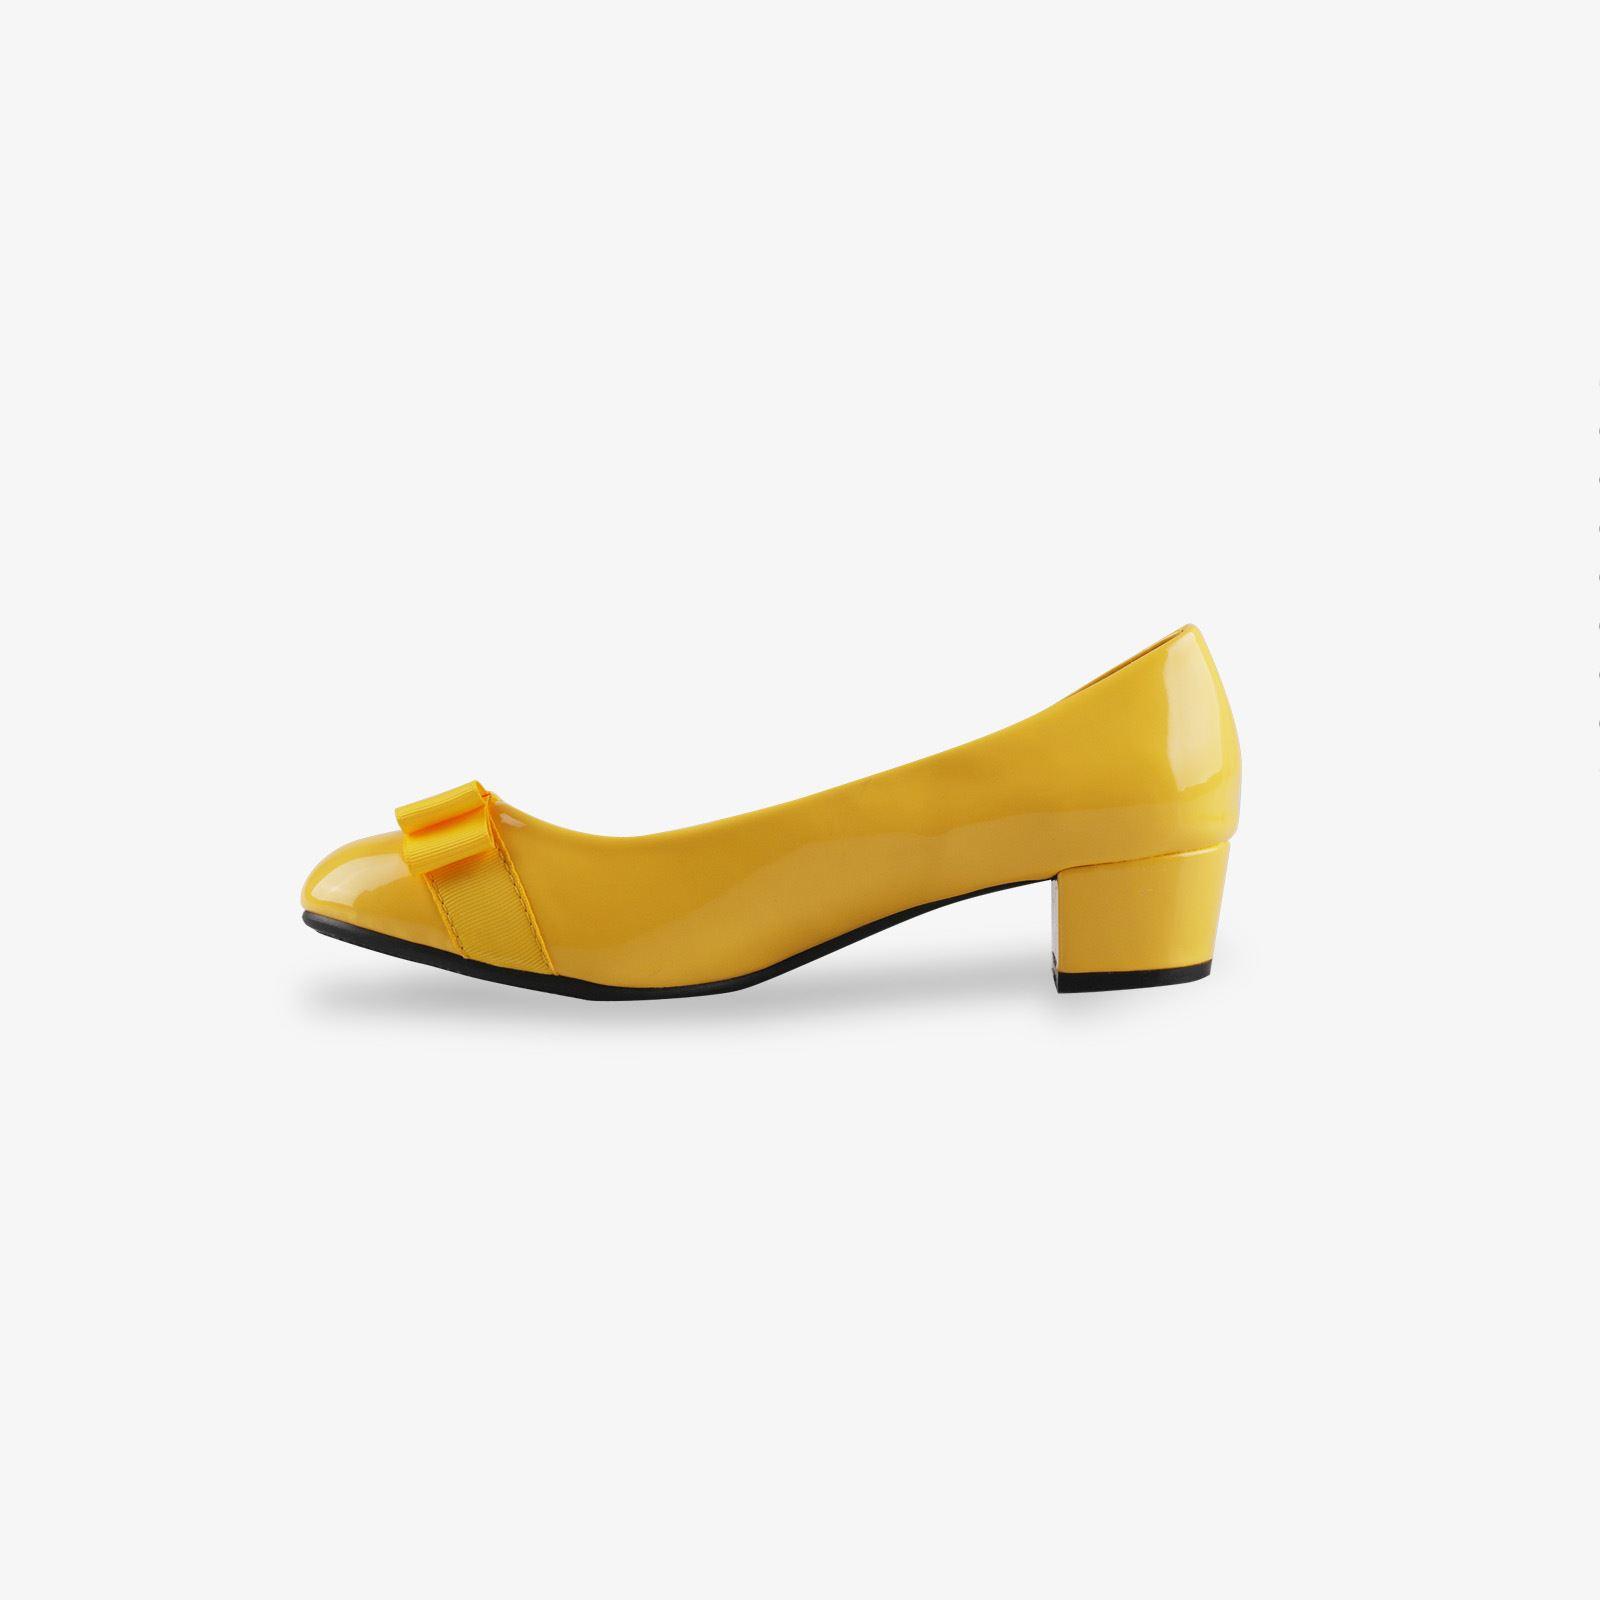 Damen-Elegante-Absatzschuhe-Hochlganz-Pumps-Blockabsatz-Ballerina-Schuhe-Chic Indexbild 11